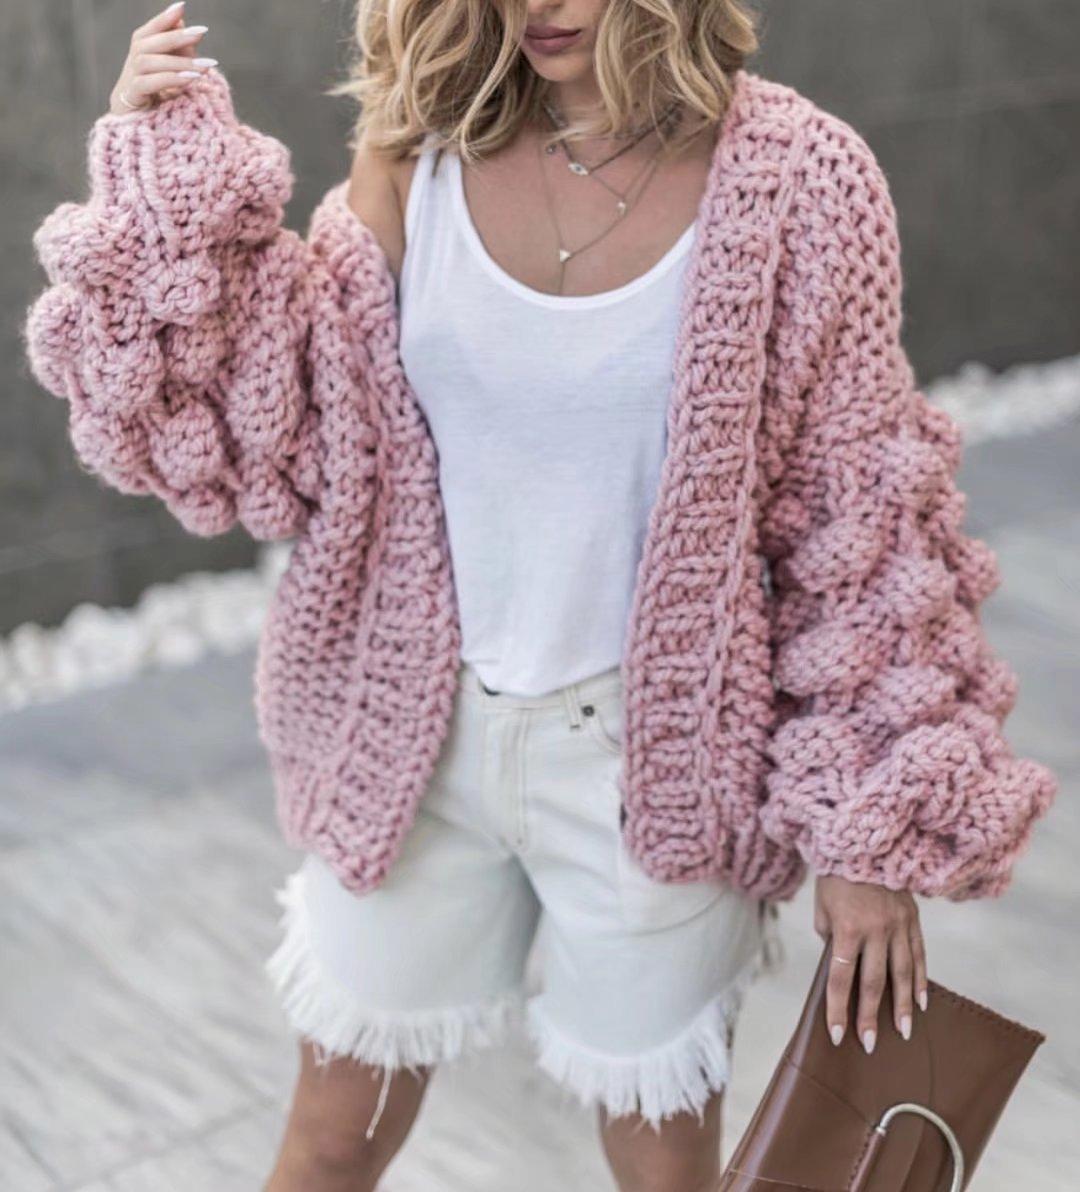 Fait à la main Rose Grossier Chandail Tricoté Femmes Streetwear D'hiver Lanterne Manches Cardigan Manteau Tricoté Casual Chaud Châle Chandails